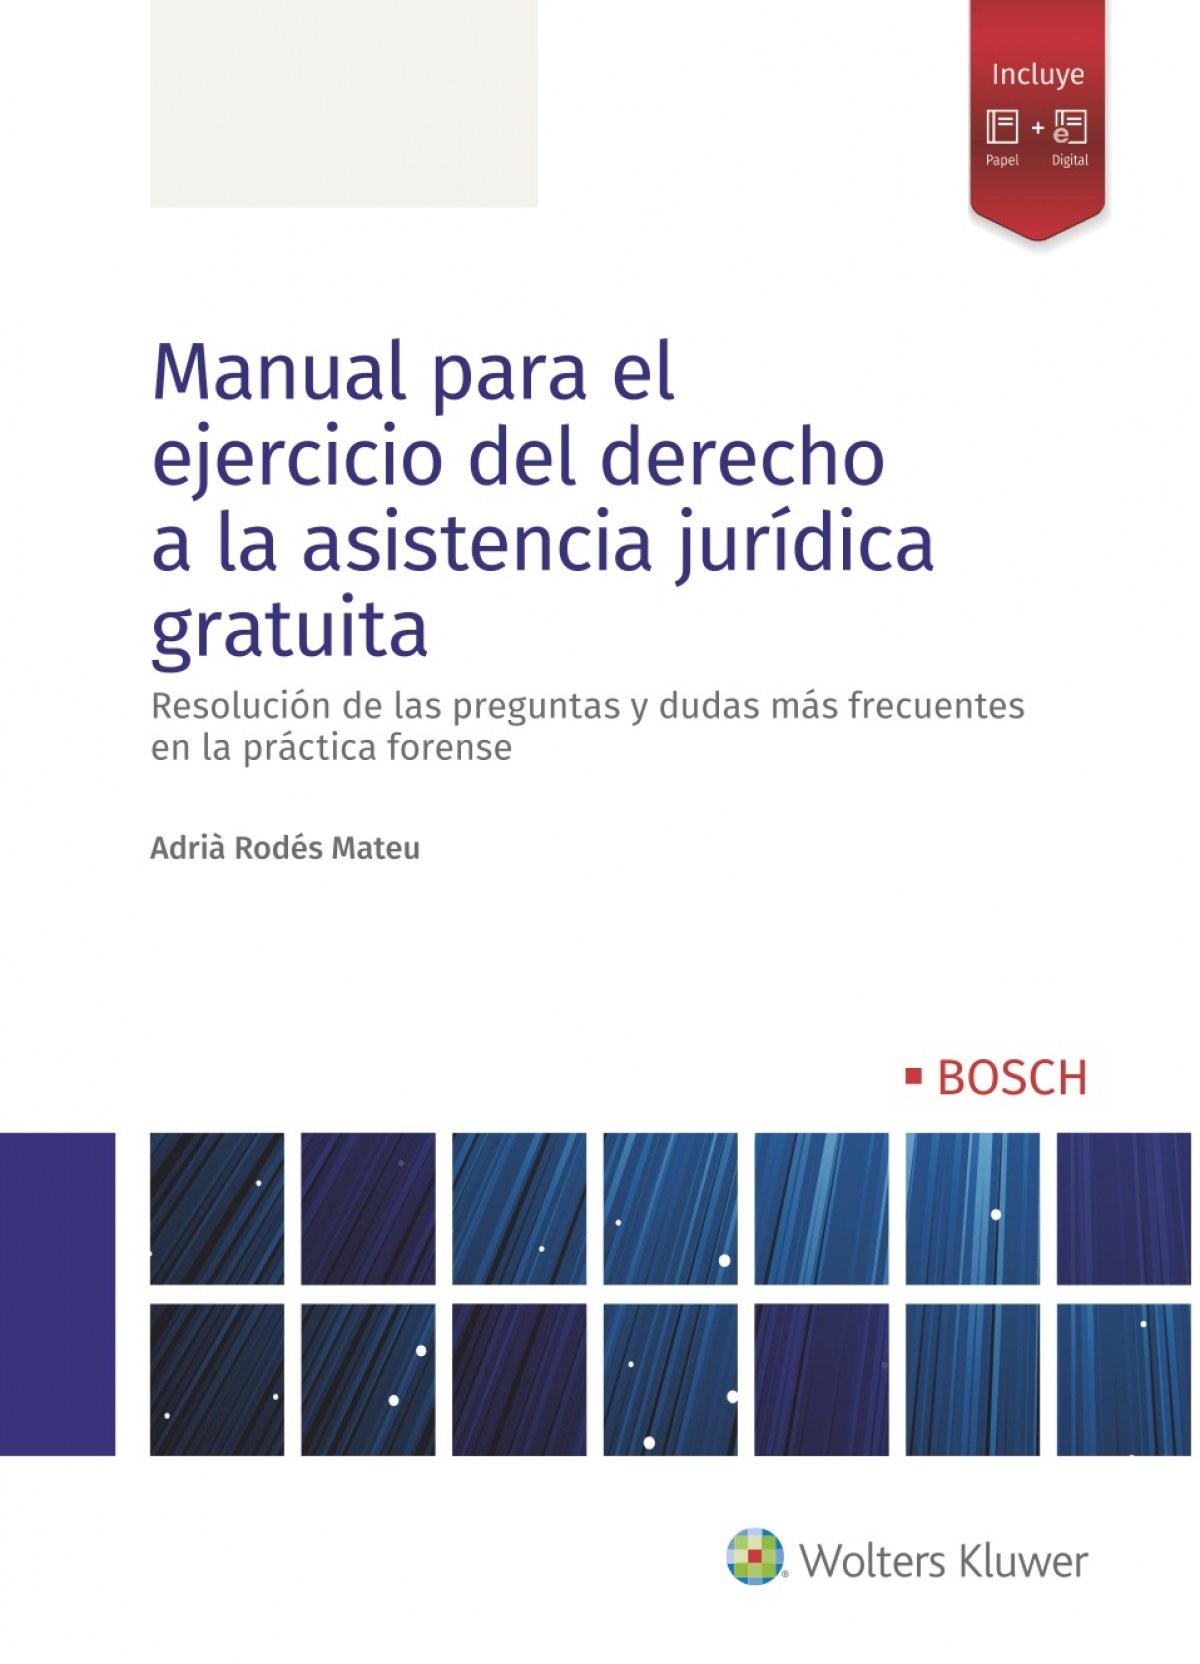 MANUAL PRÁCTICO PARA EL EJERCICIO DEL DERECHO A LA ASISTENCIA JURÍDICA GRATUITA (DUO)